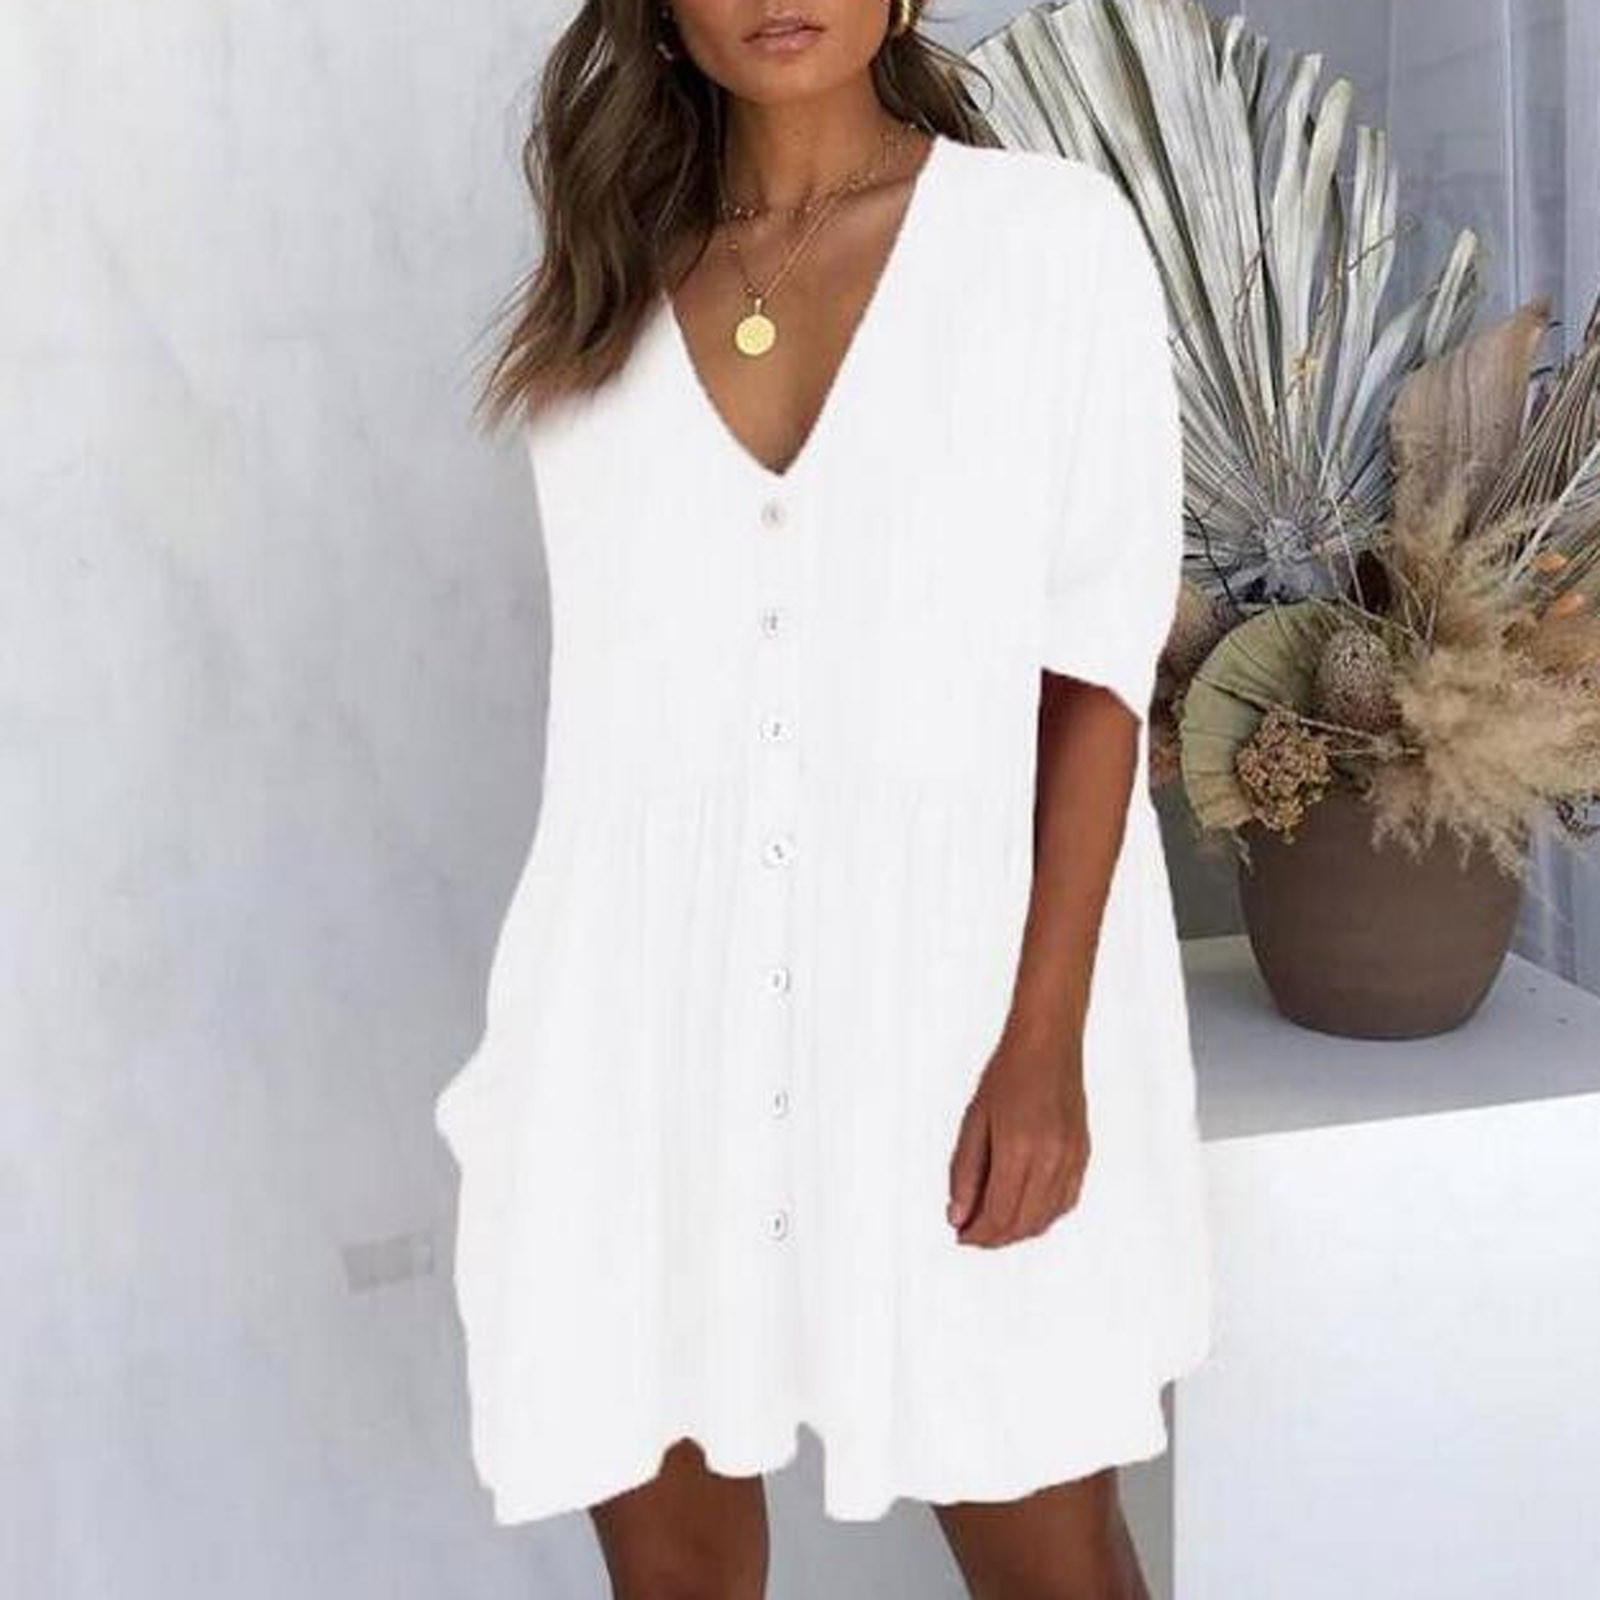 Women's Fashion Casual V-Neck Solid Short Sleeve Button Pocket Short Dress vestido de mujer summer dress платья для женщин 12